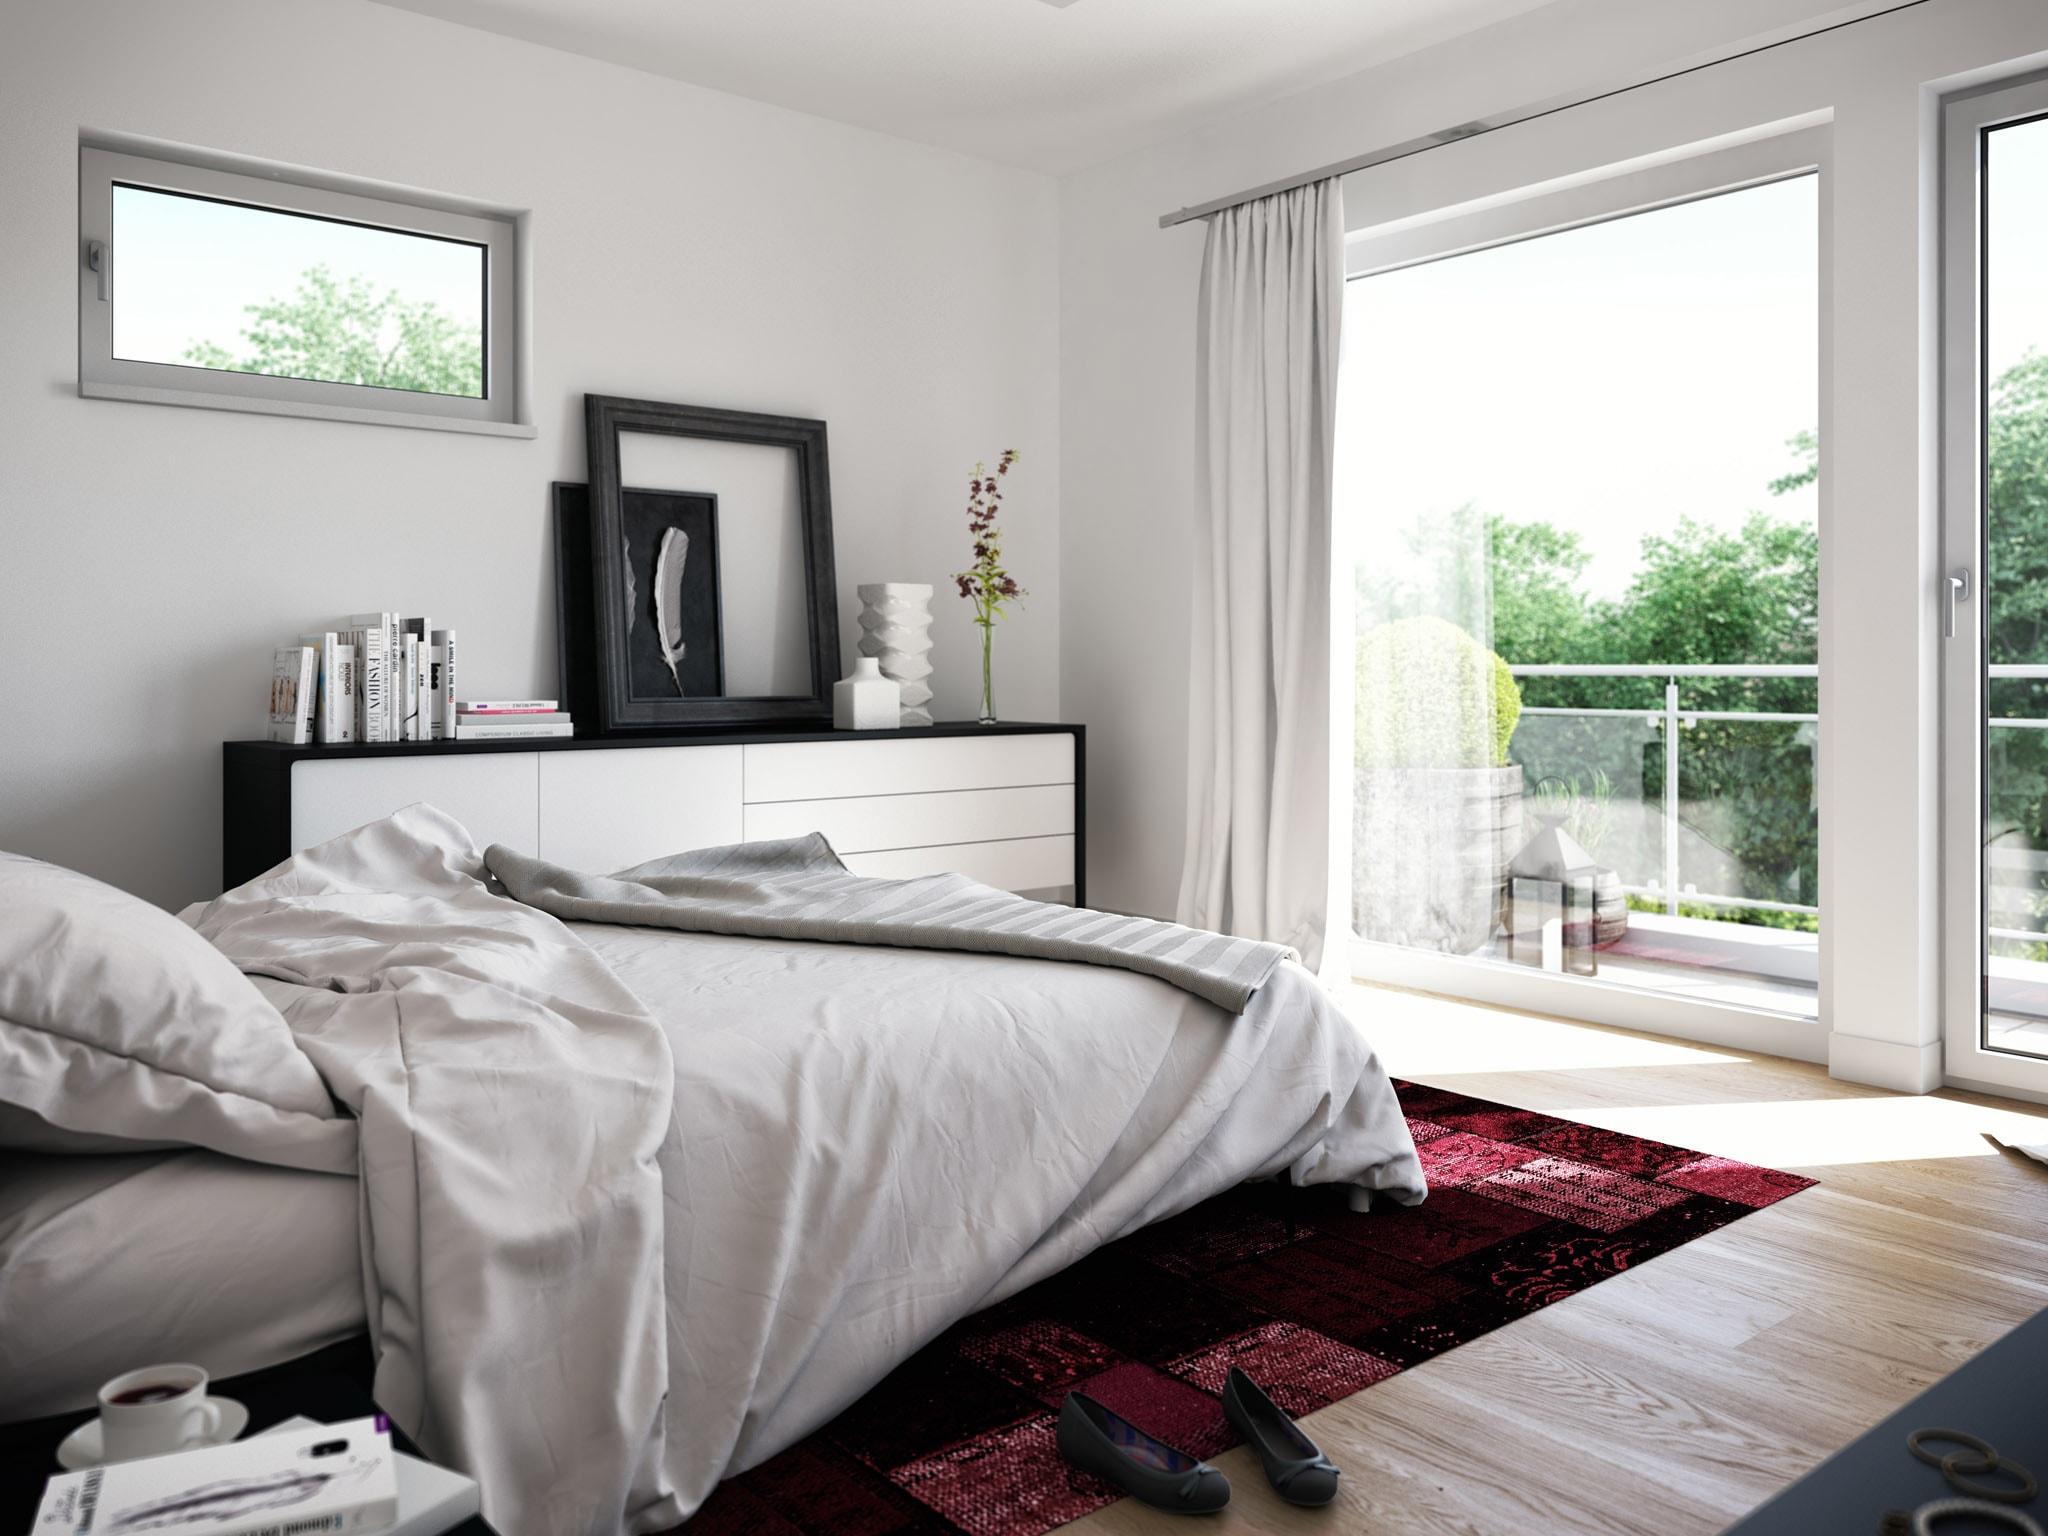 Schlafzimmer - Einrichtung Ideen Fertighaus Living Haus SUNSHINE 136 V6 - HausbauDirekt.de